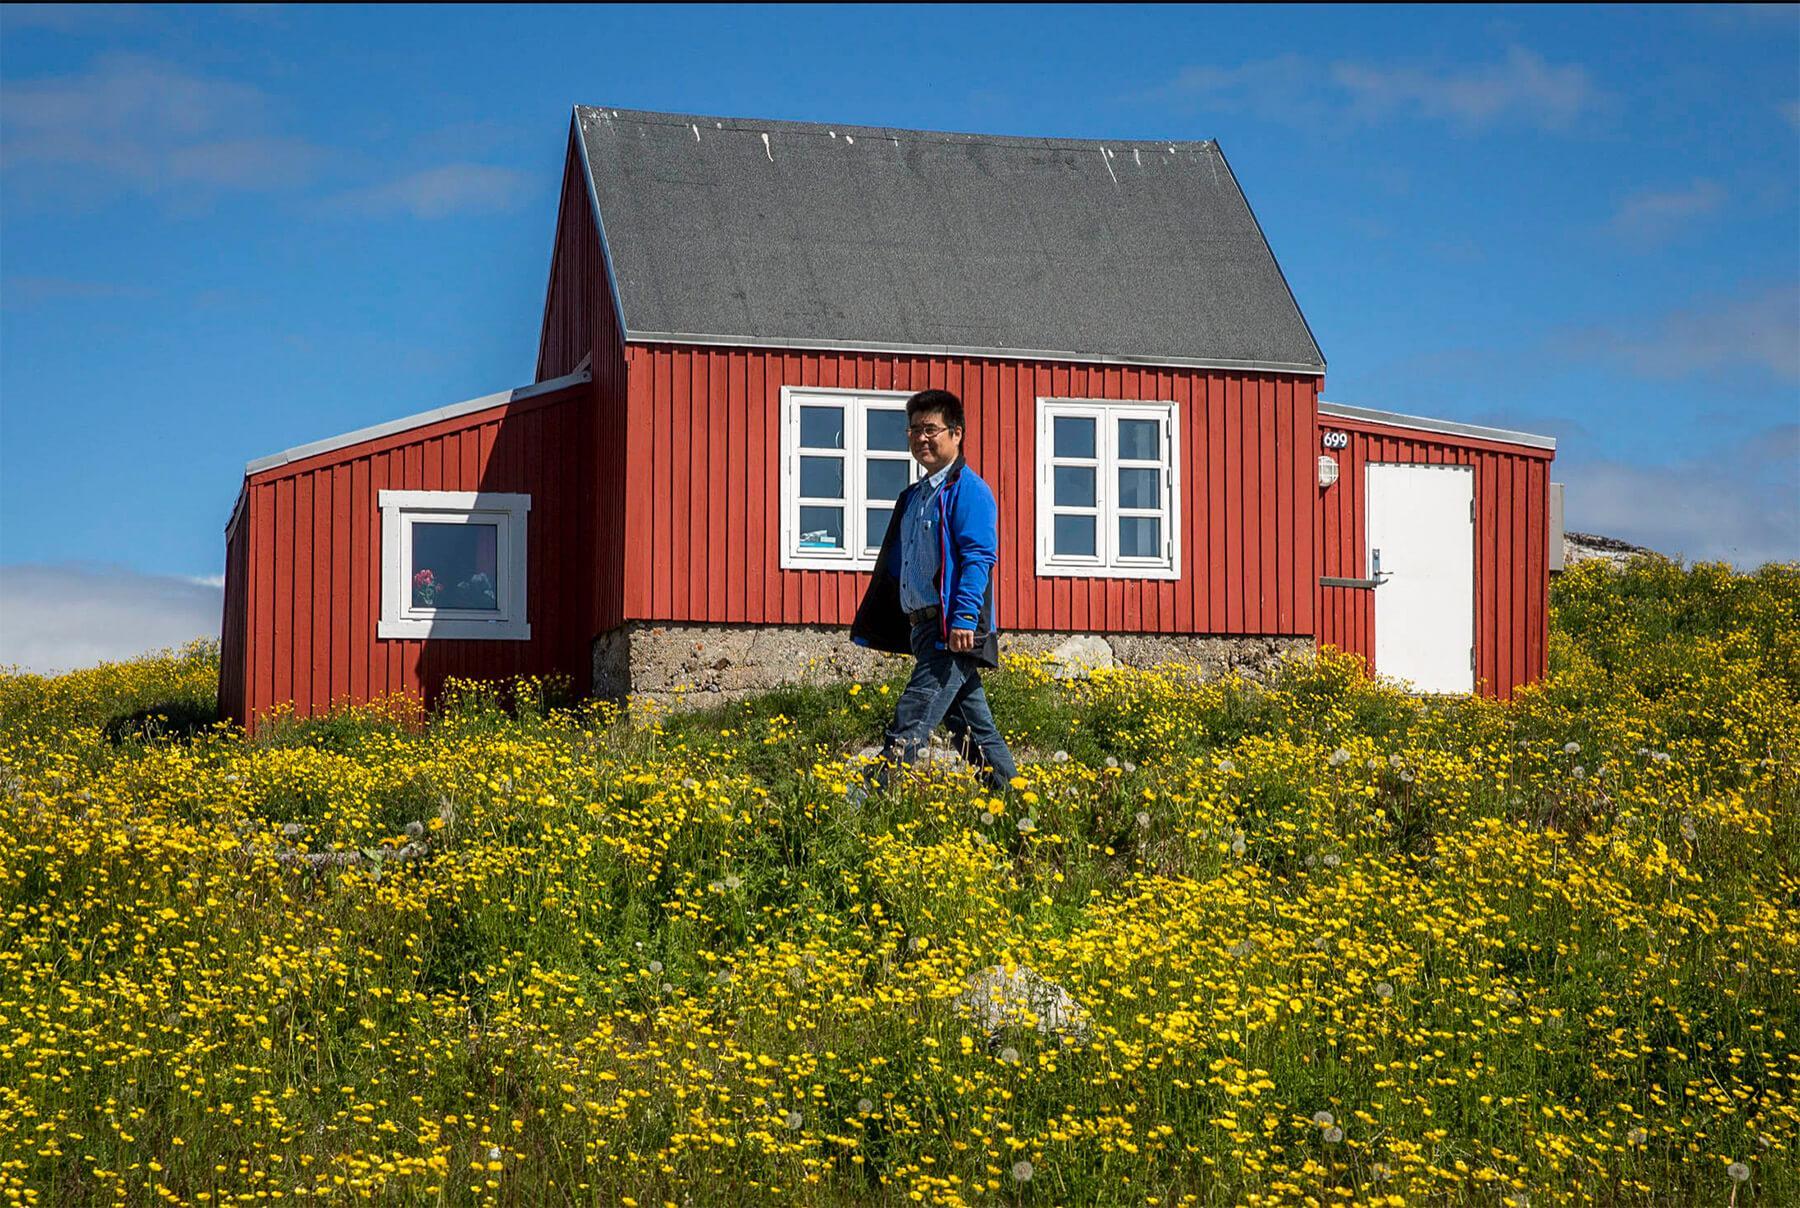 Gammel Anders house